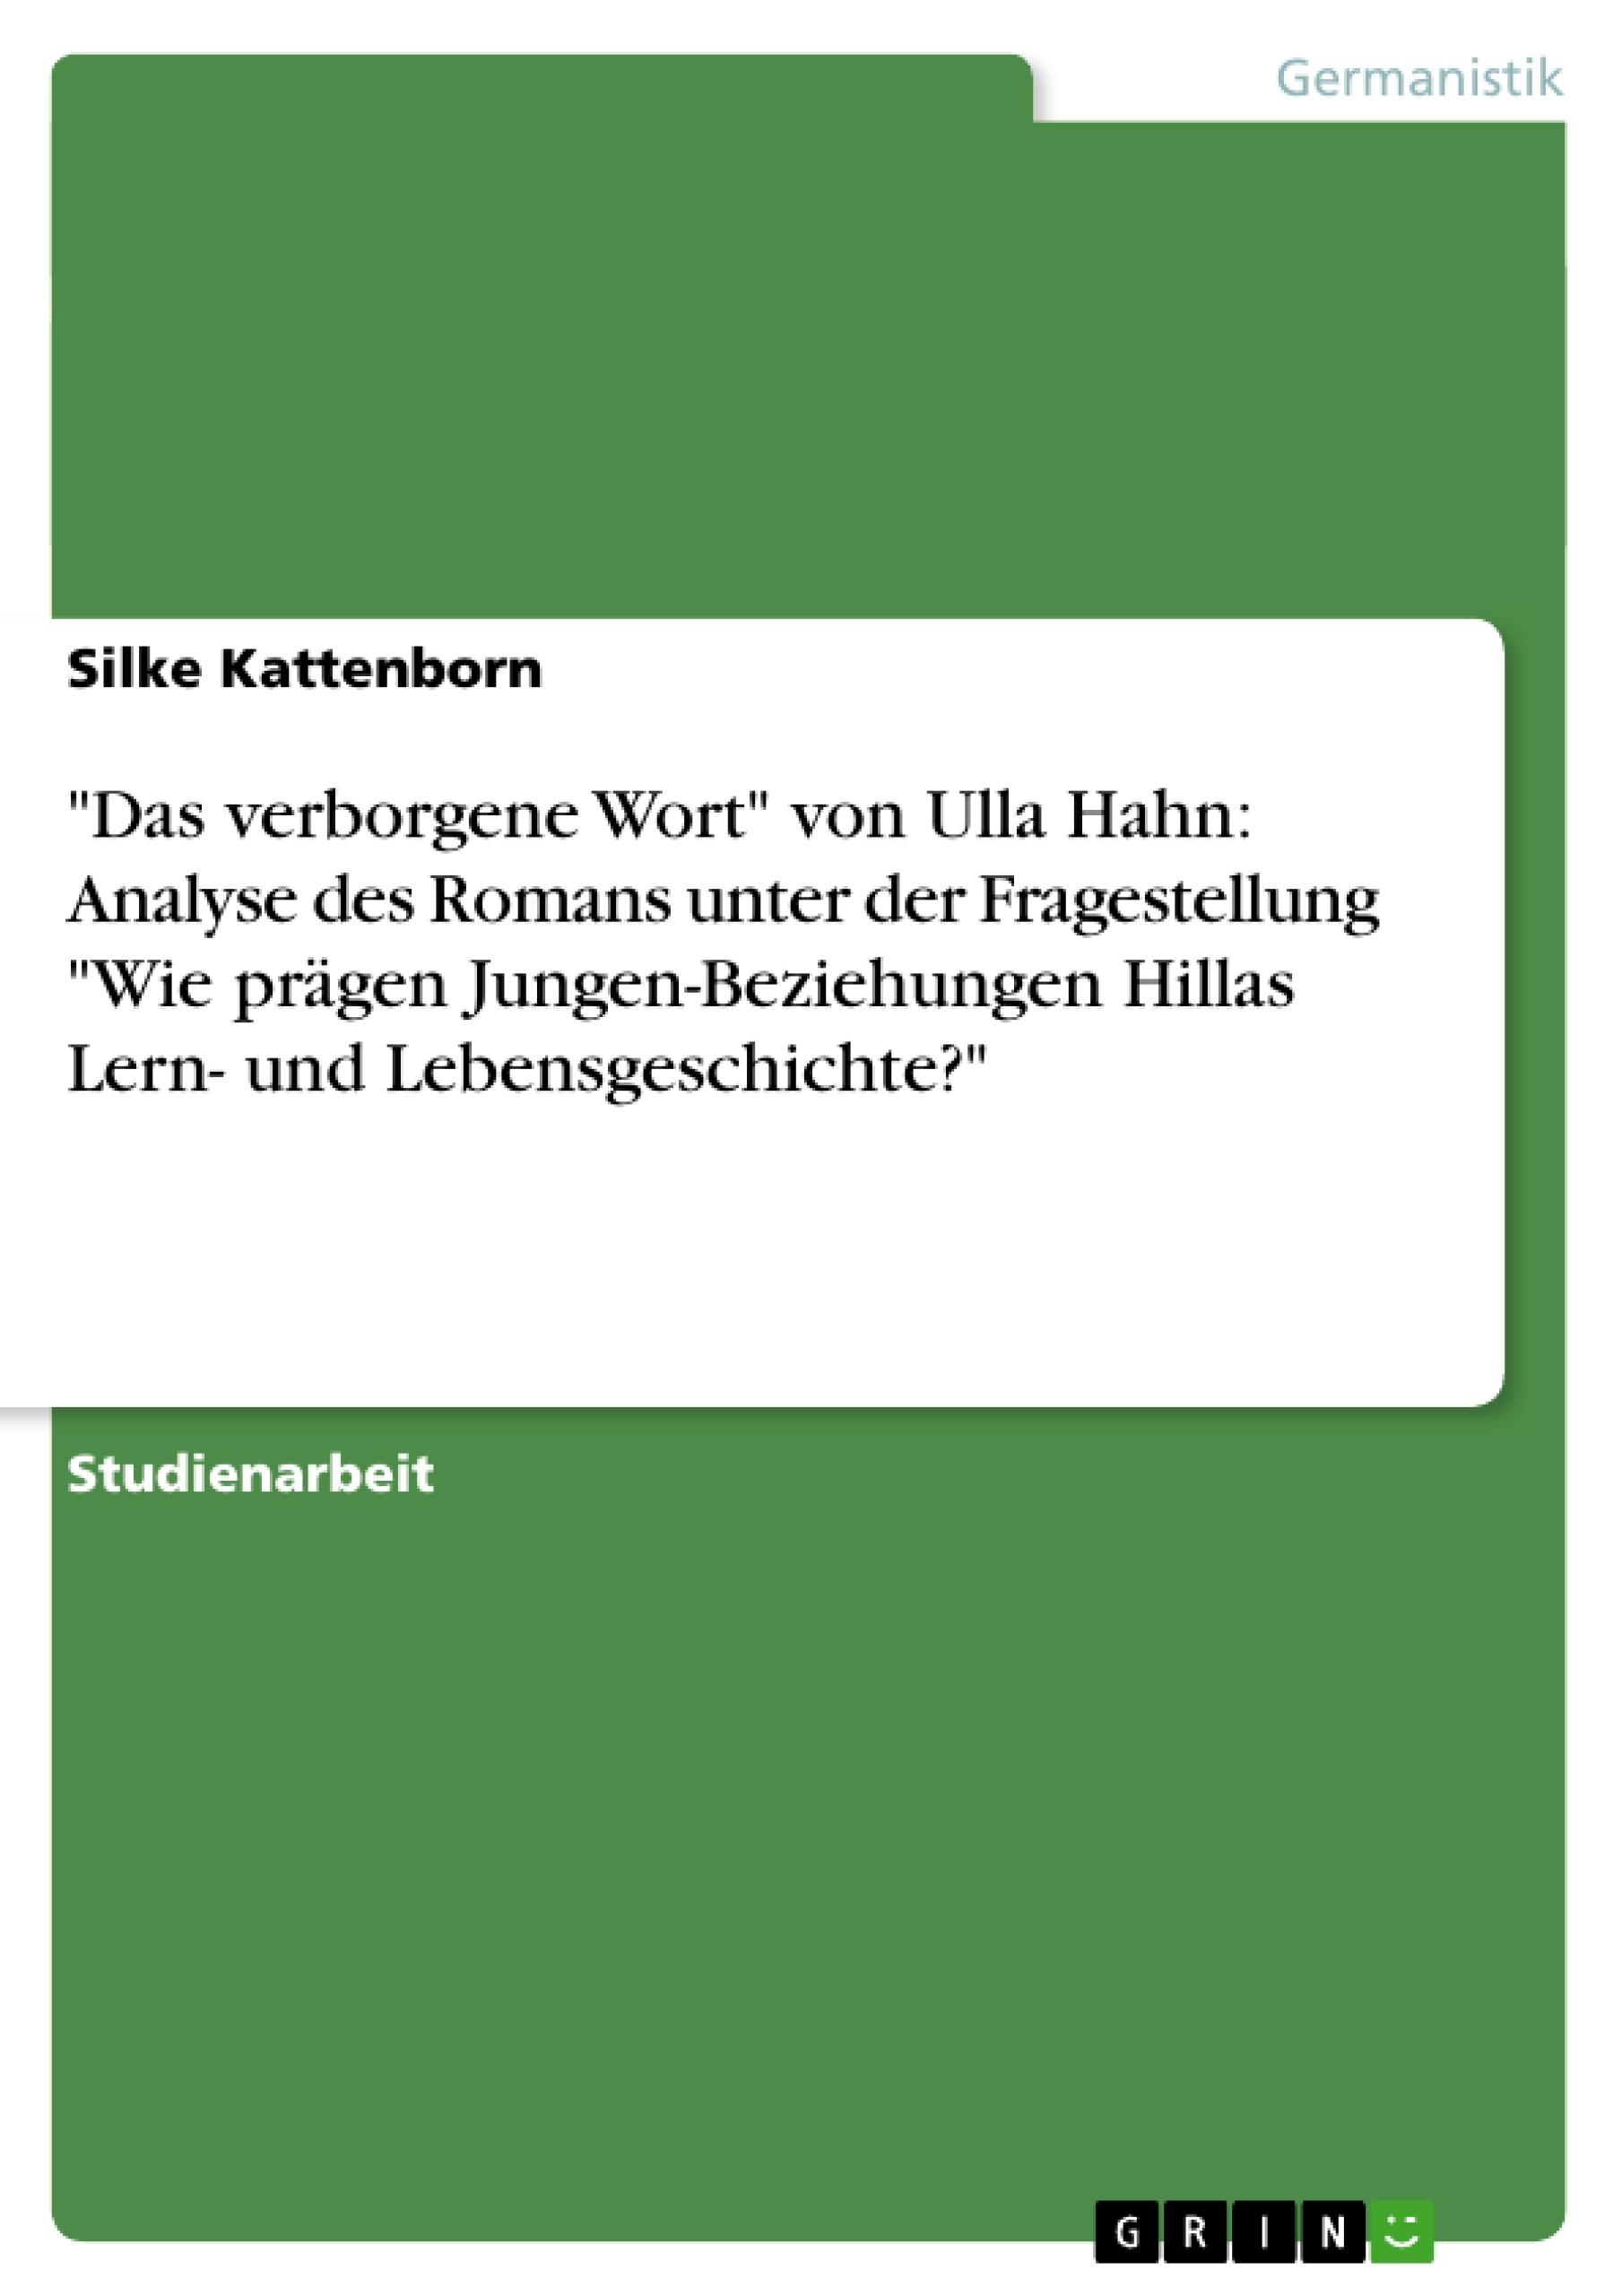 """Titel:  """"Das verborgene Wort"""" von Ulla Hahn: Analyse des Romans unter der Fragestellung """"Wie prägen Jungen-Beziehungen Hillas Lern- und Lebensgeschichte?"""""""